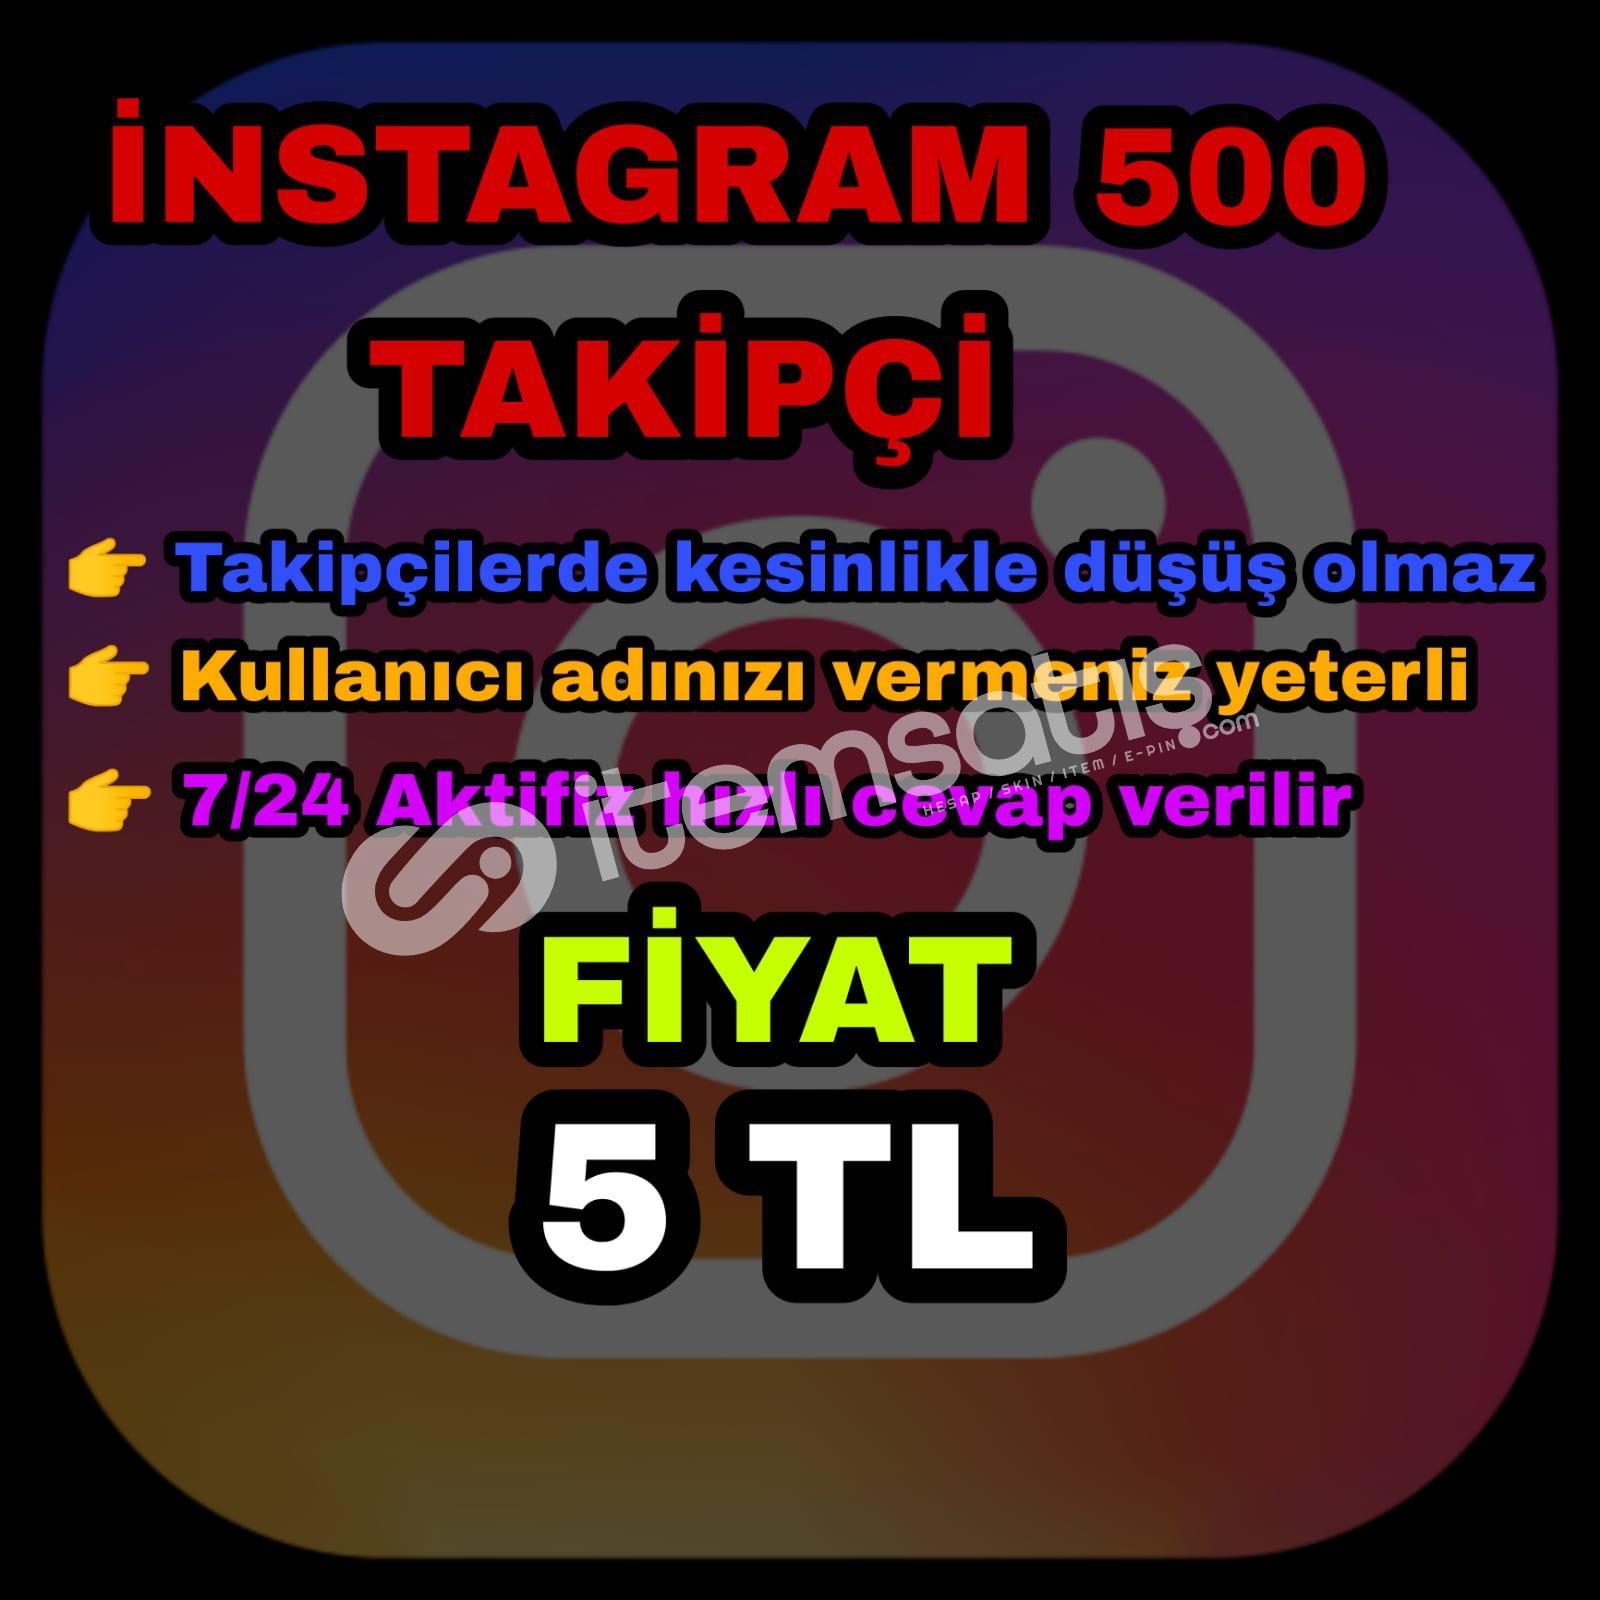 Instagram 500 takipçi